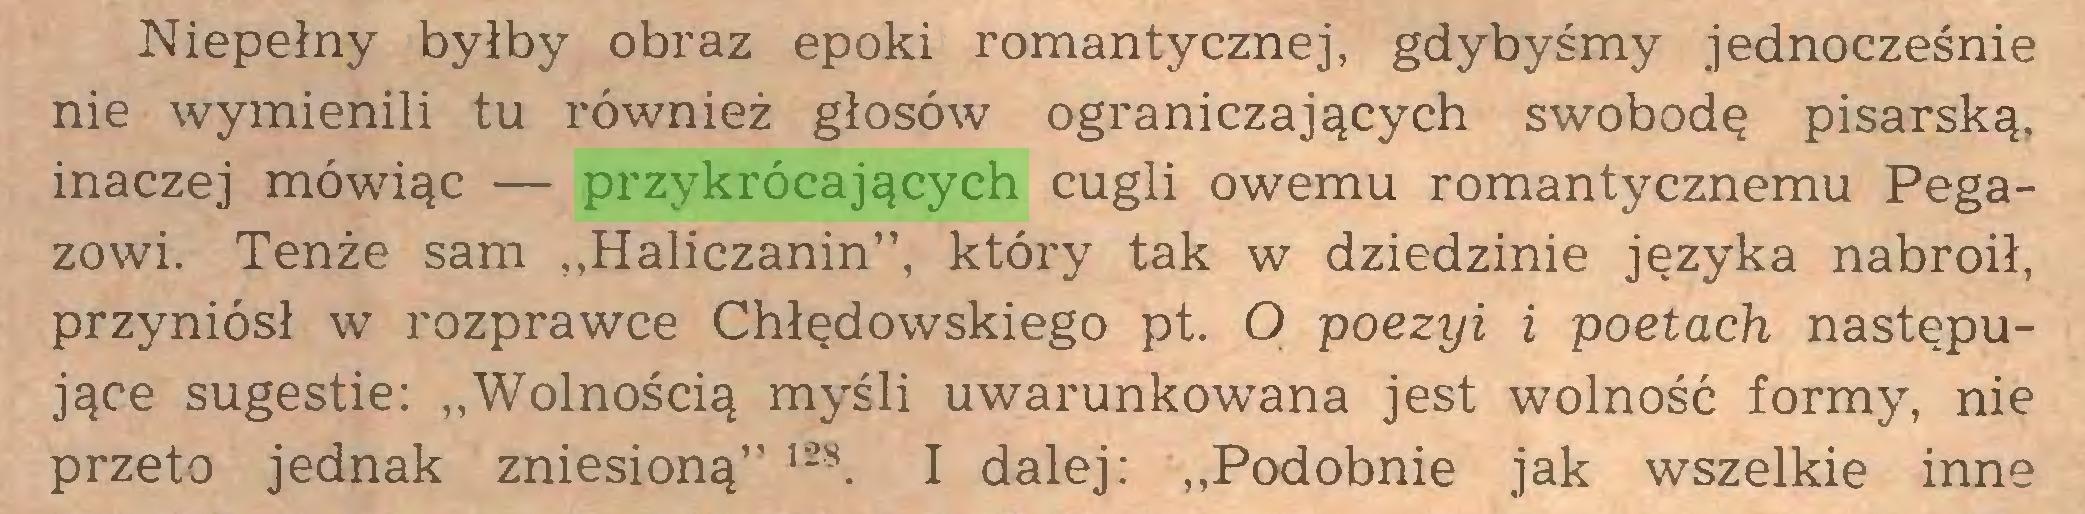 """(...) Niepełny byłby obraz epoki romantycznej, gdybyśmy jednocześnie nie wymienili tu również głosów ograniczających swobodę pisarską, inaczej mówiąc — przykrócających cugli owemu romantycznemu Pegazowi. Tenże sam """"Haliczanin"""", który tak w dziedzinie języka nabroił, przyniósł w rozprawce Chłędowskiego pt. O poezyi i poetach następujące sugestie: """"Wolnością myśli uwarunkowana jest wolność formy, nie przeto jednak zniesioną"""" ,28. I dalej: """"Podobnie jak wszelkie inne..."""